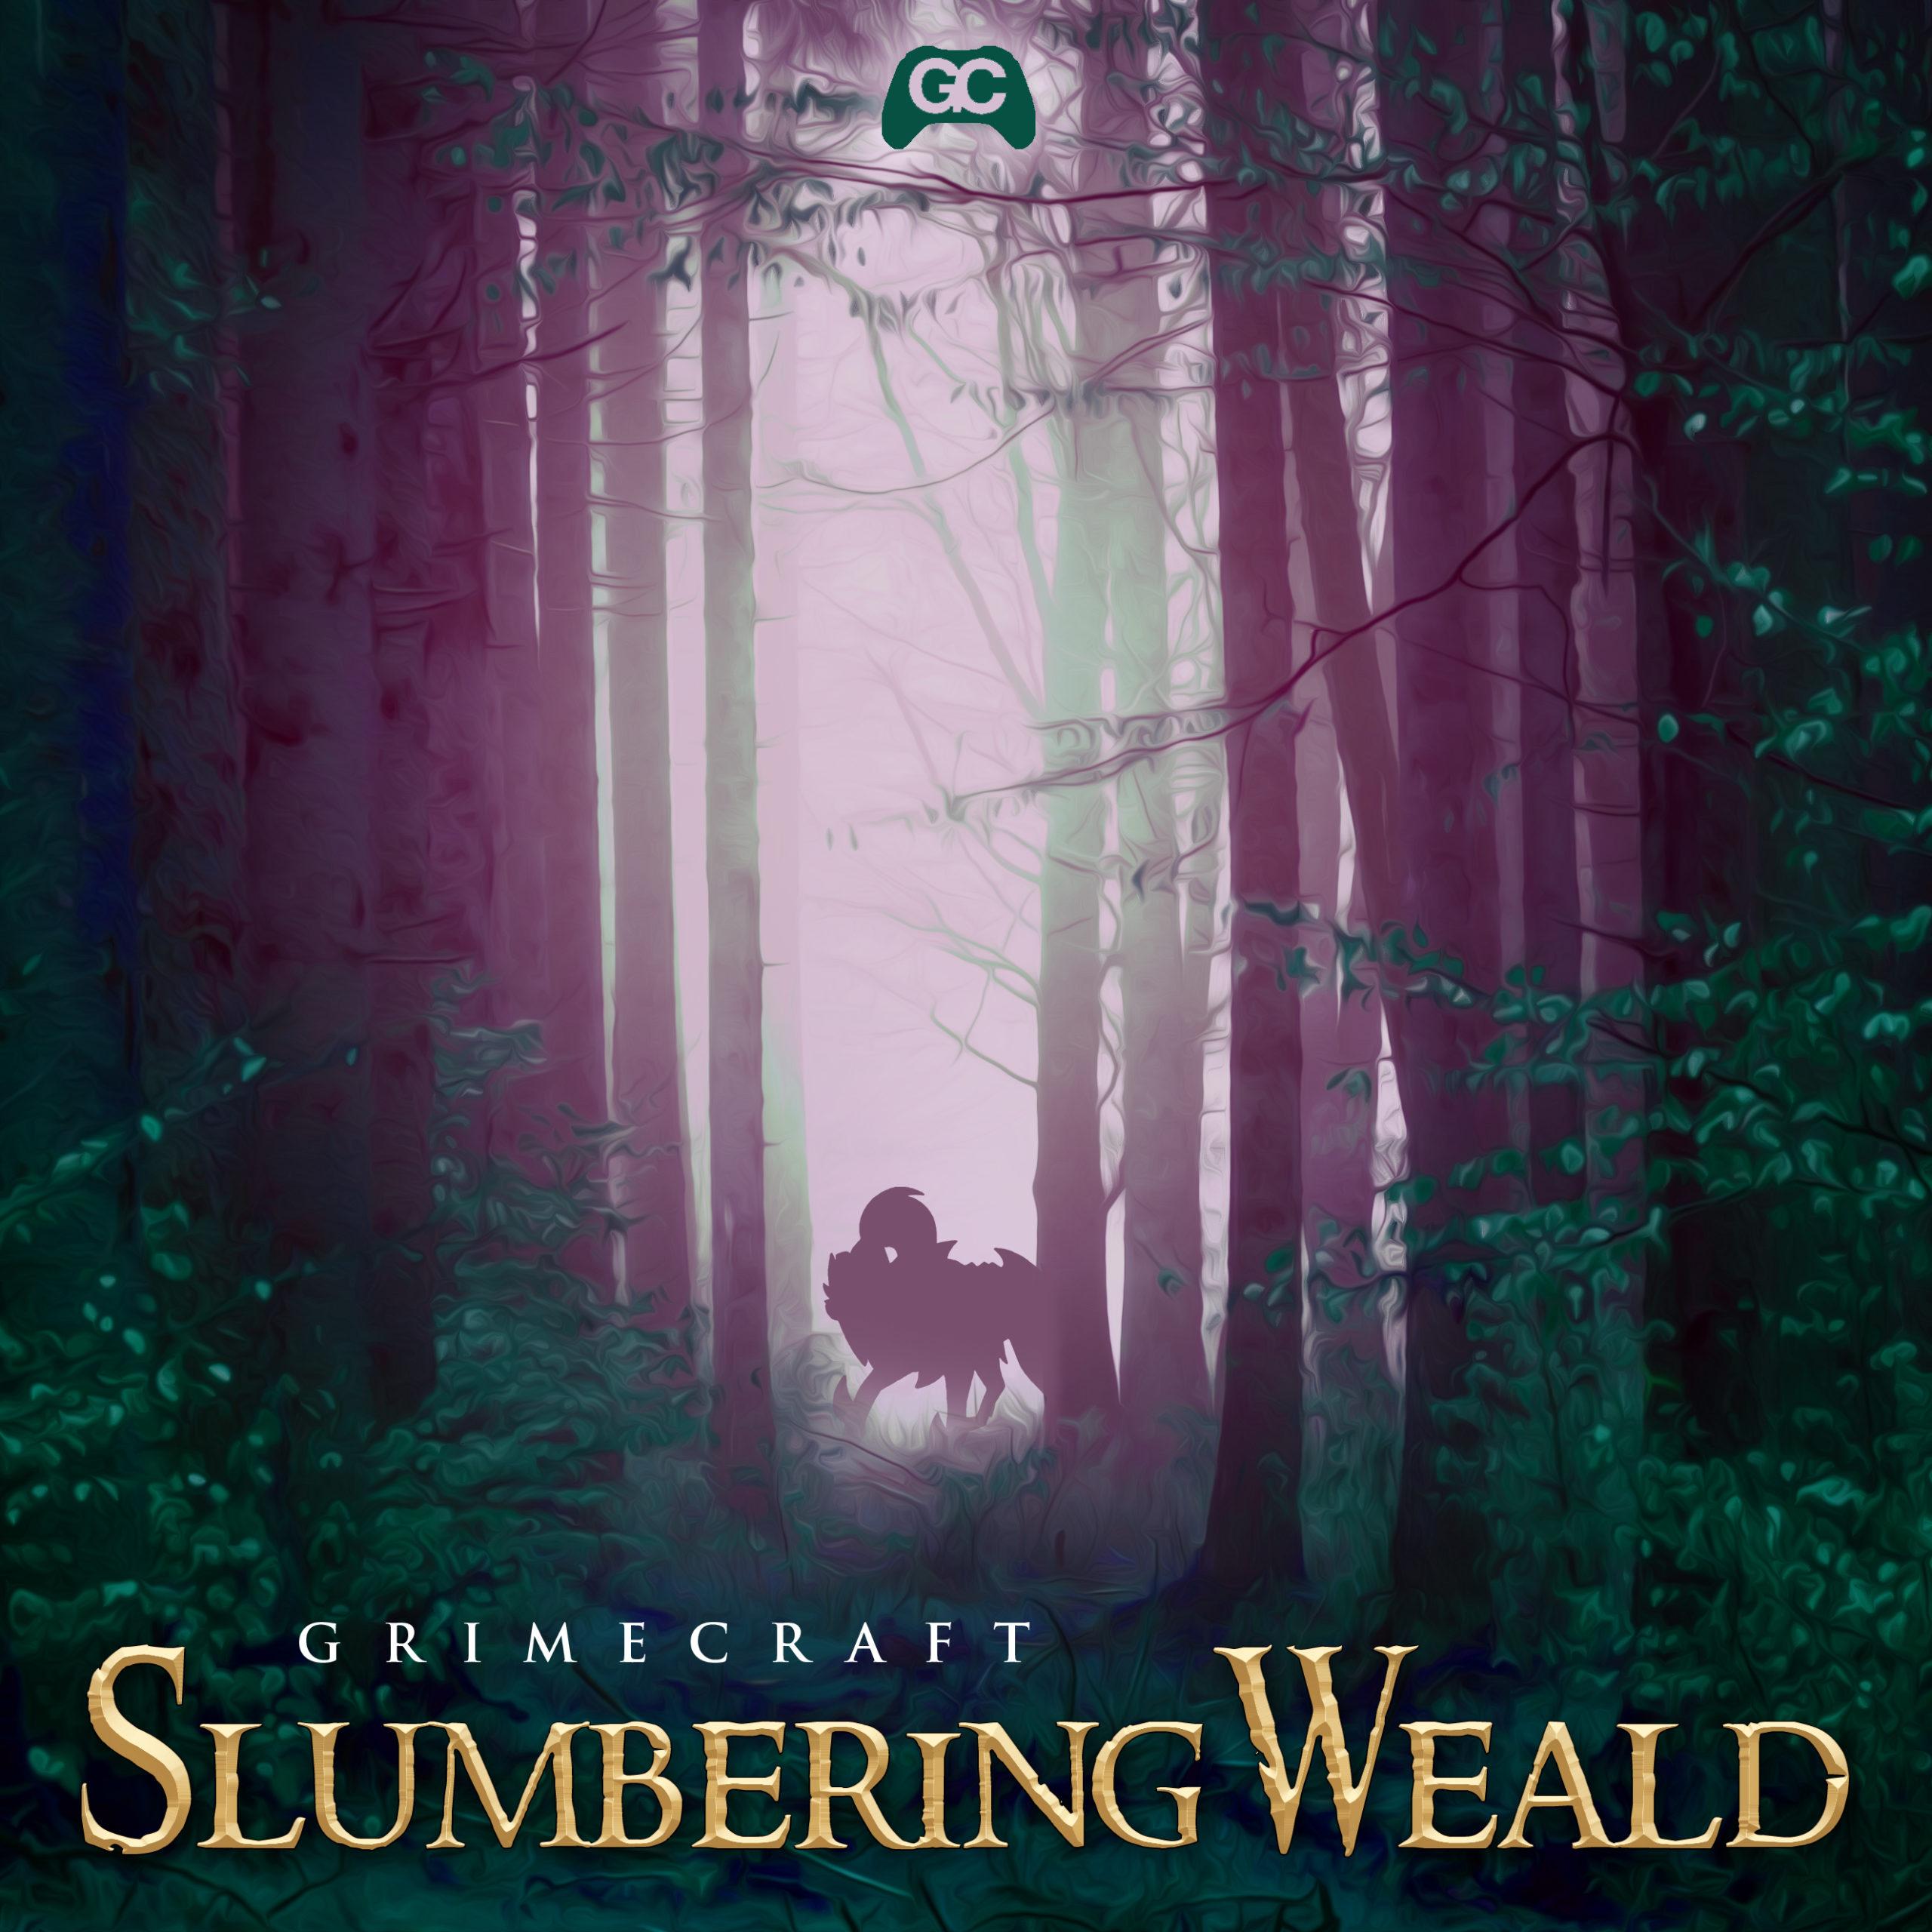 Grimecraft – Slumbering Weald